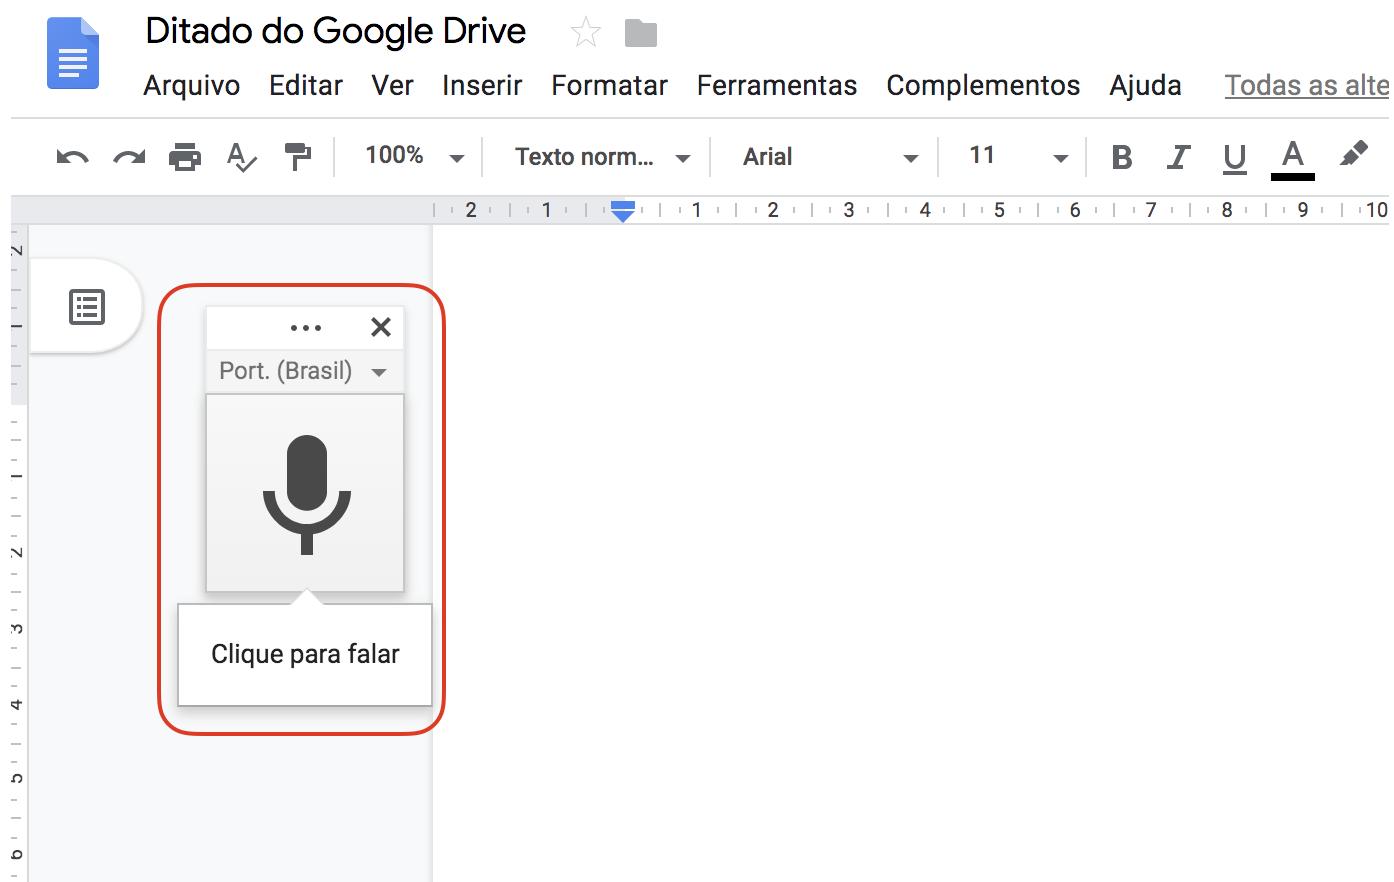 Interface do Documentos Google mostrando o botão com o ícone de microfone para ativa o ditado